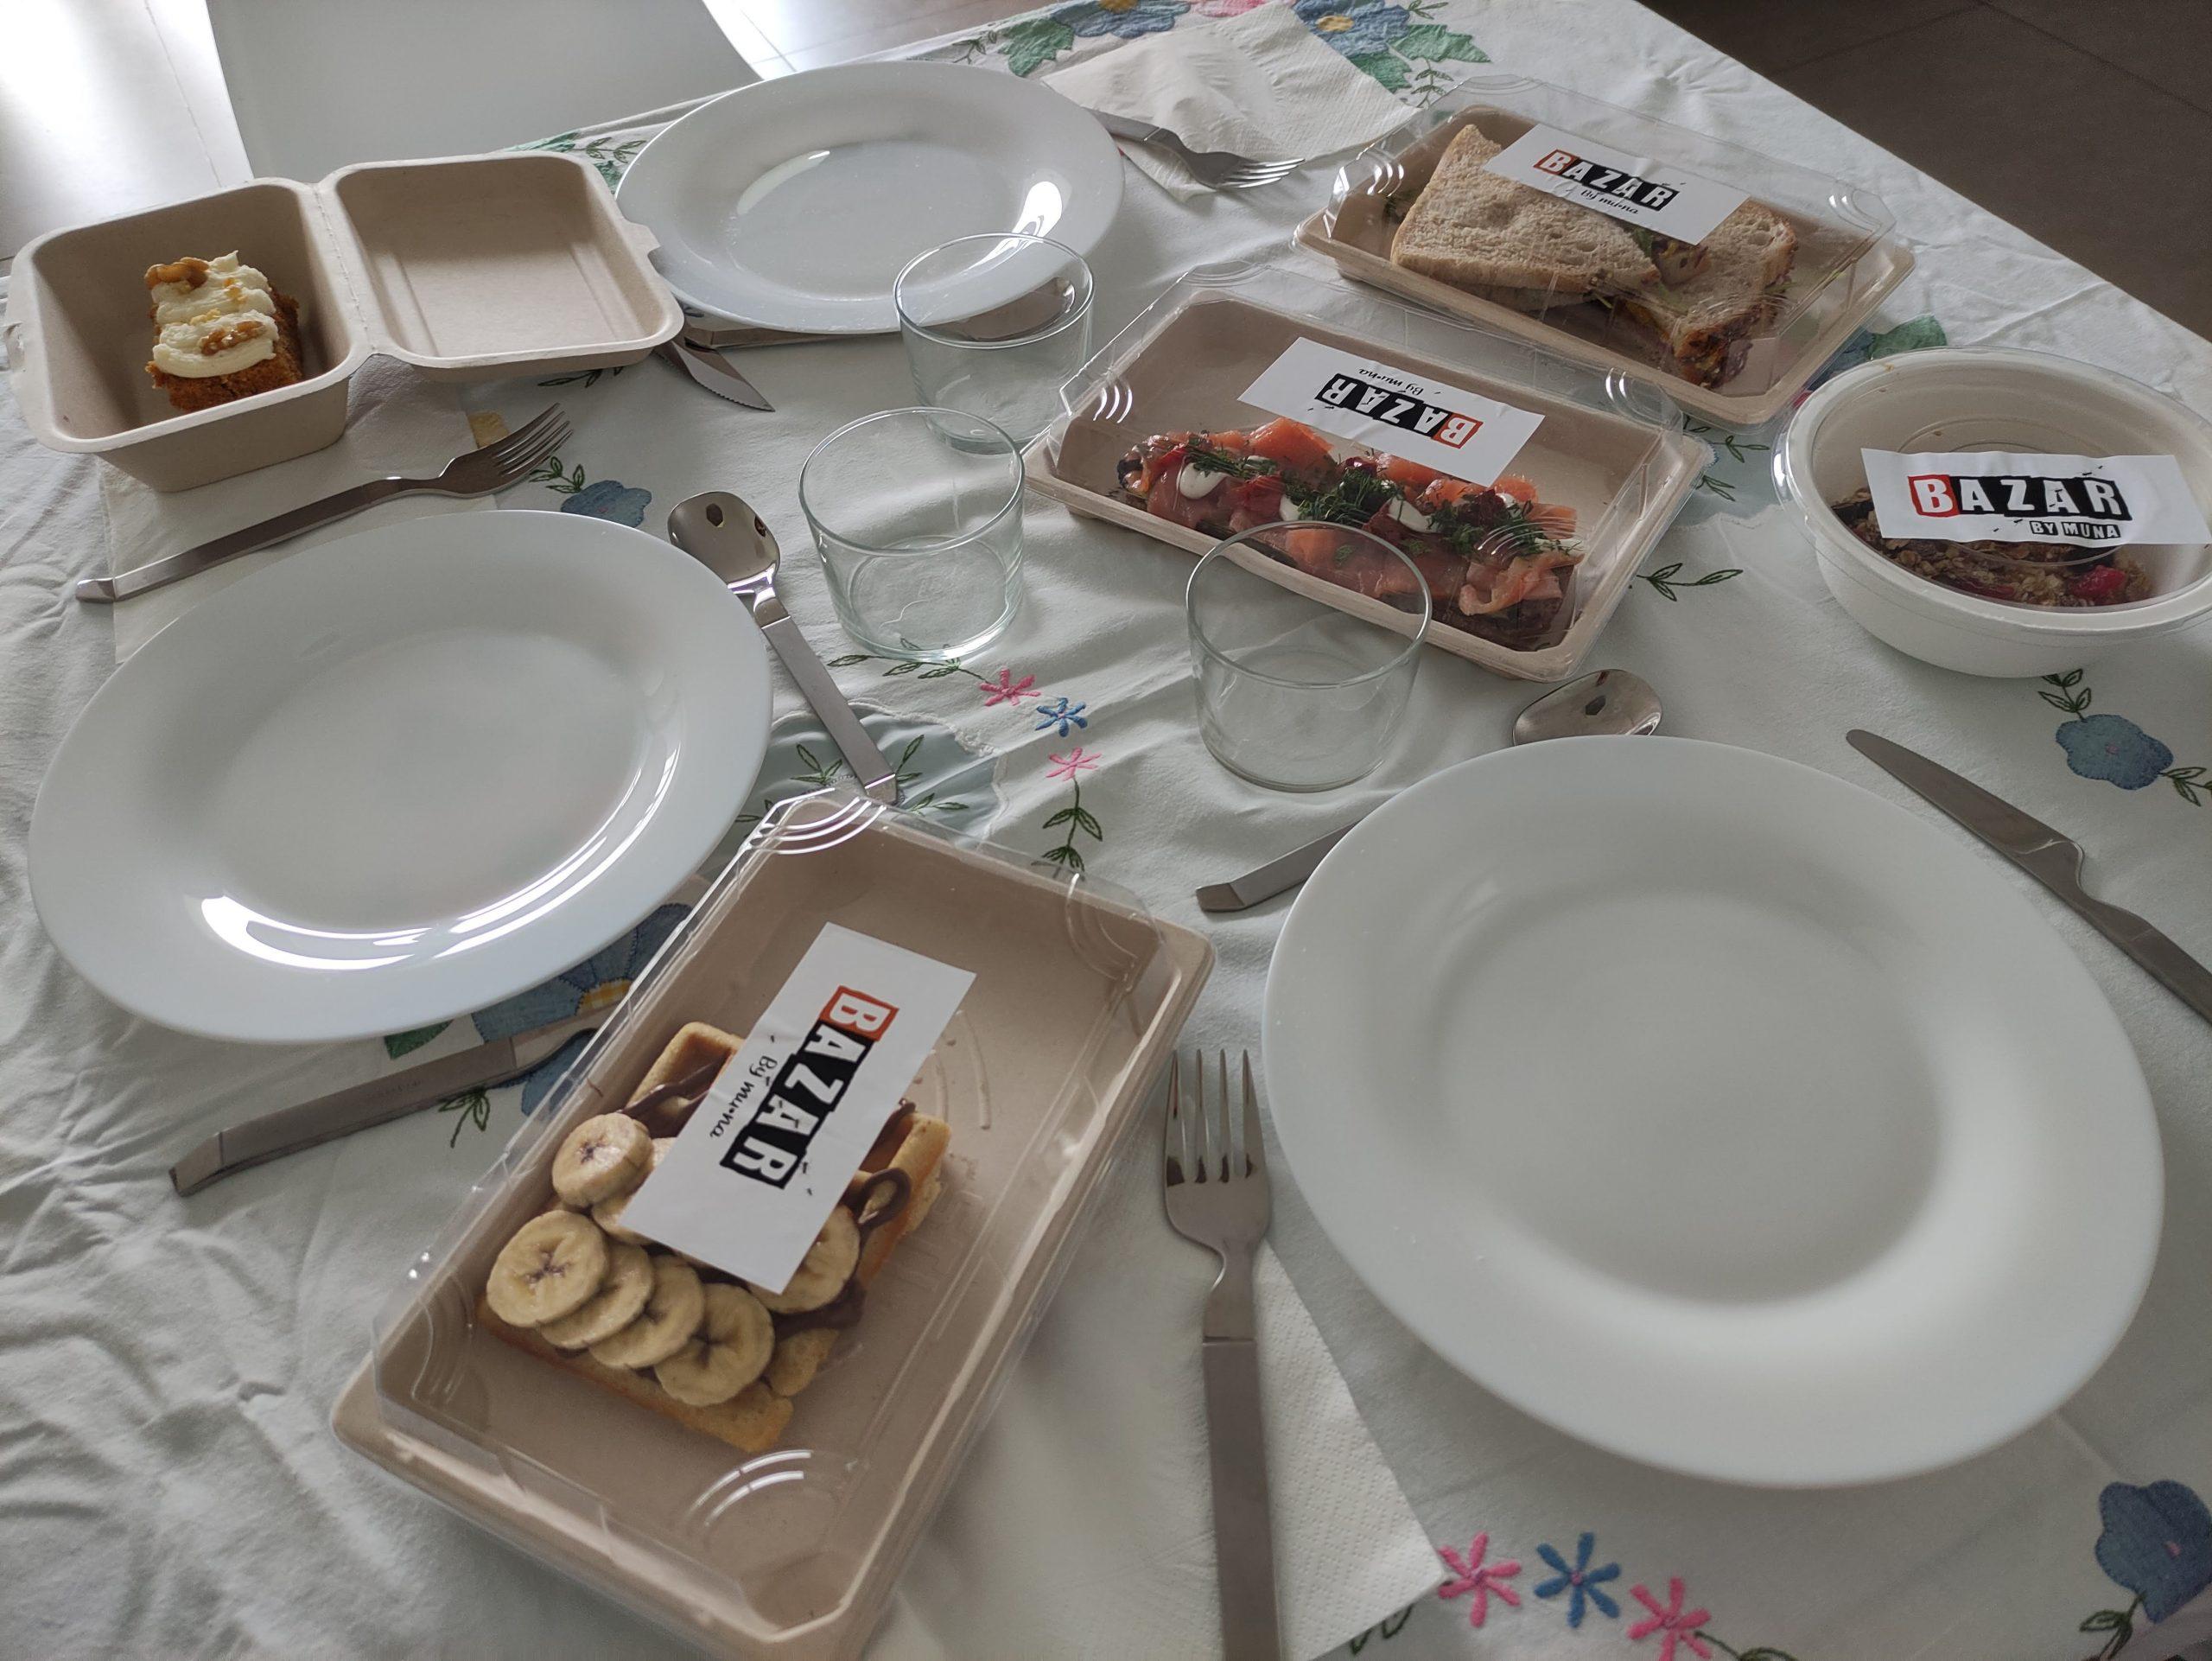 Reseña gastronómica: Brunch para llevar de Restaurante Muna de Ponferrada 4